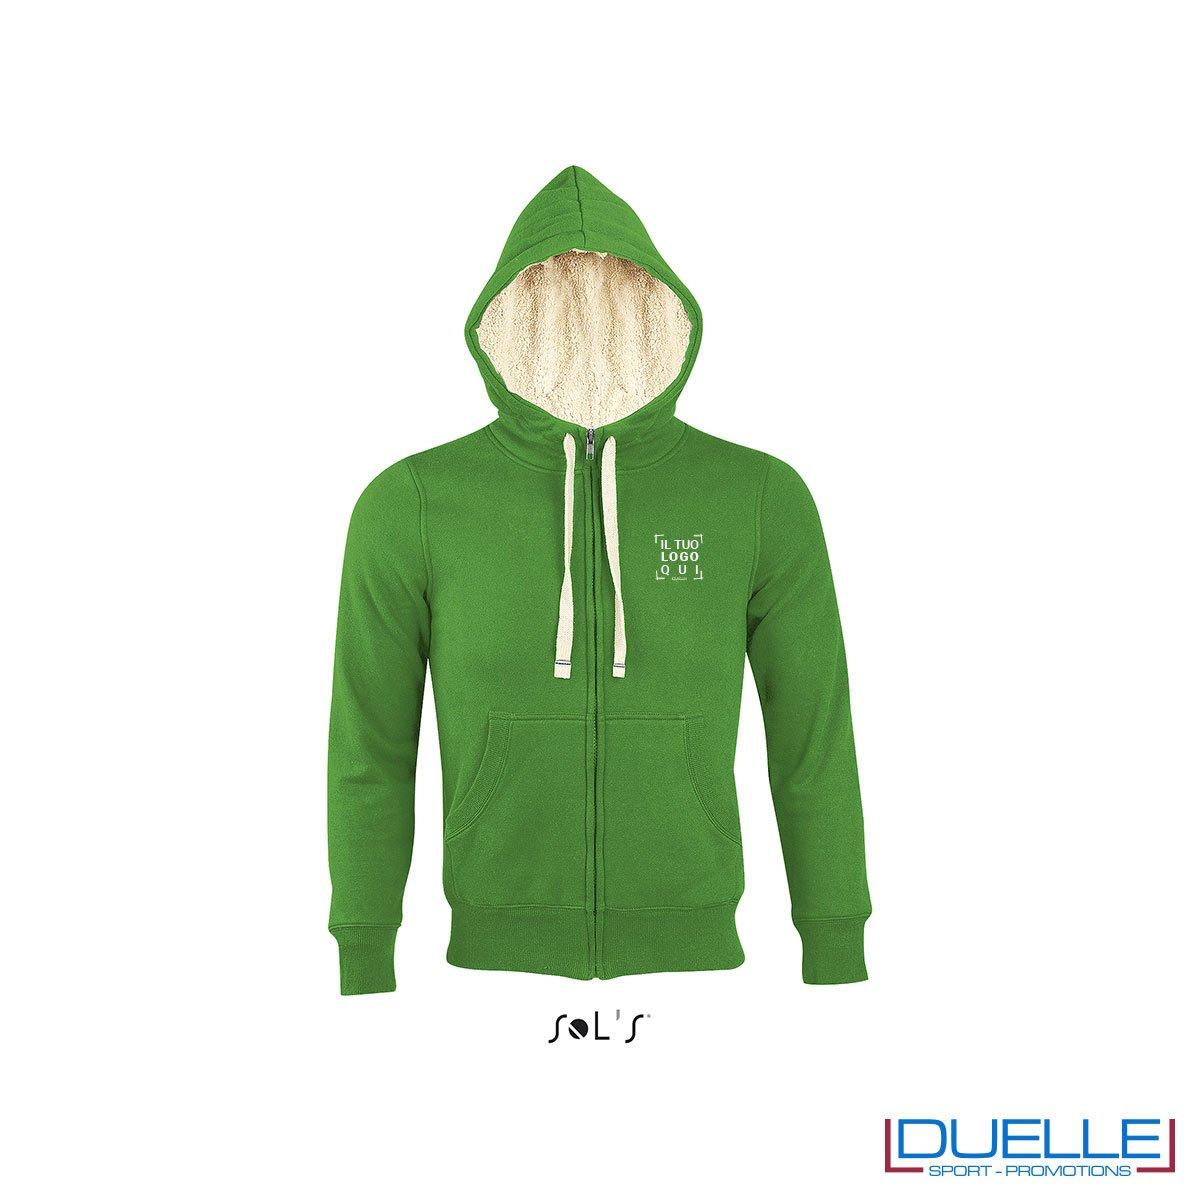 felpa personalizzata con cappuccio e pelo sherpa in colore verde, felpe personalizzate